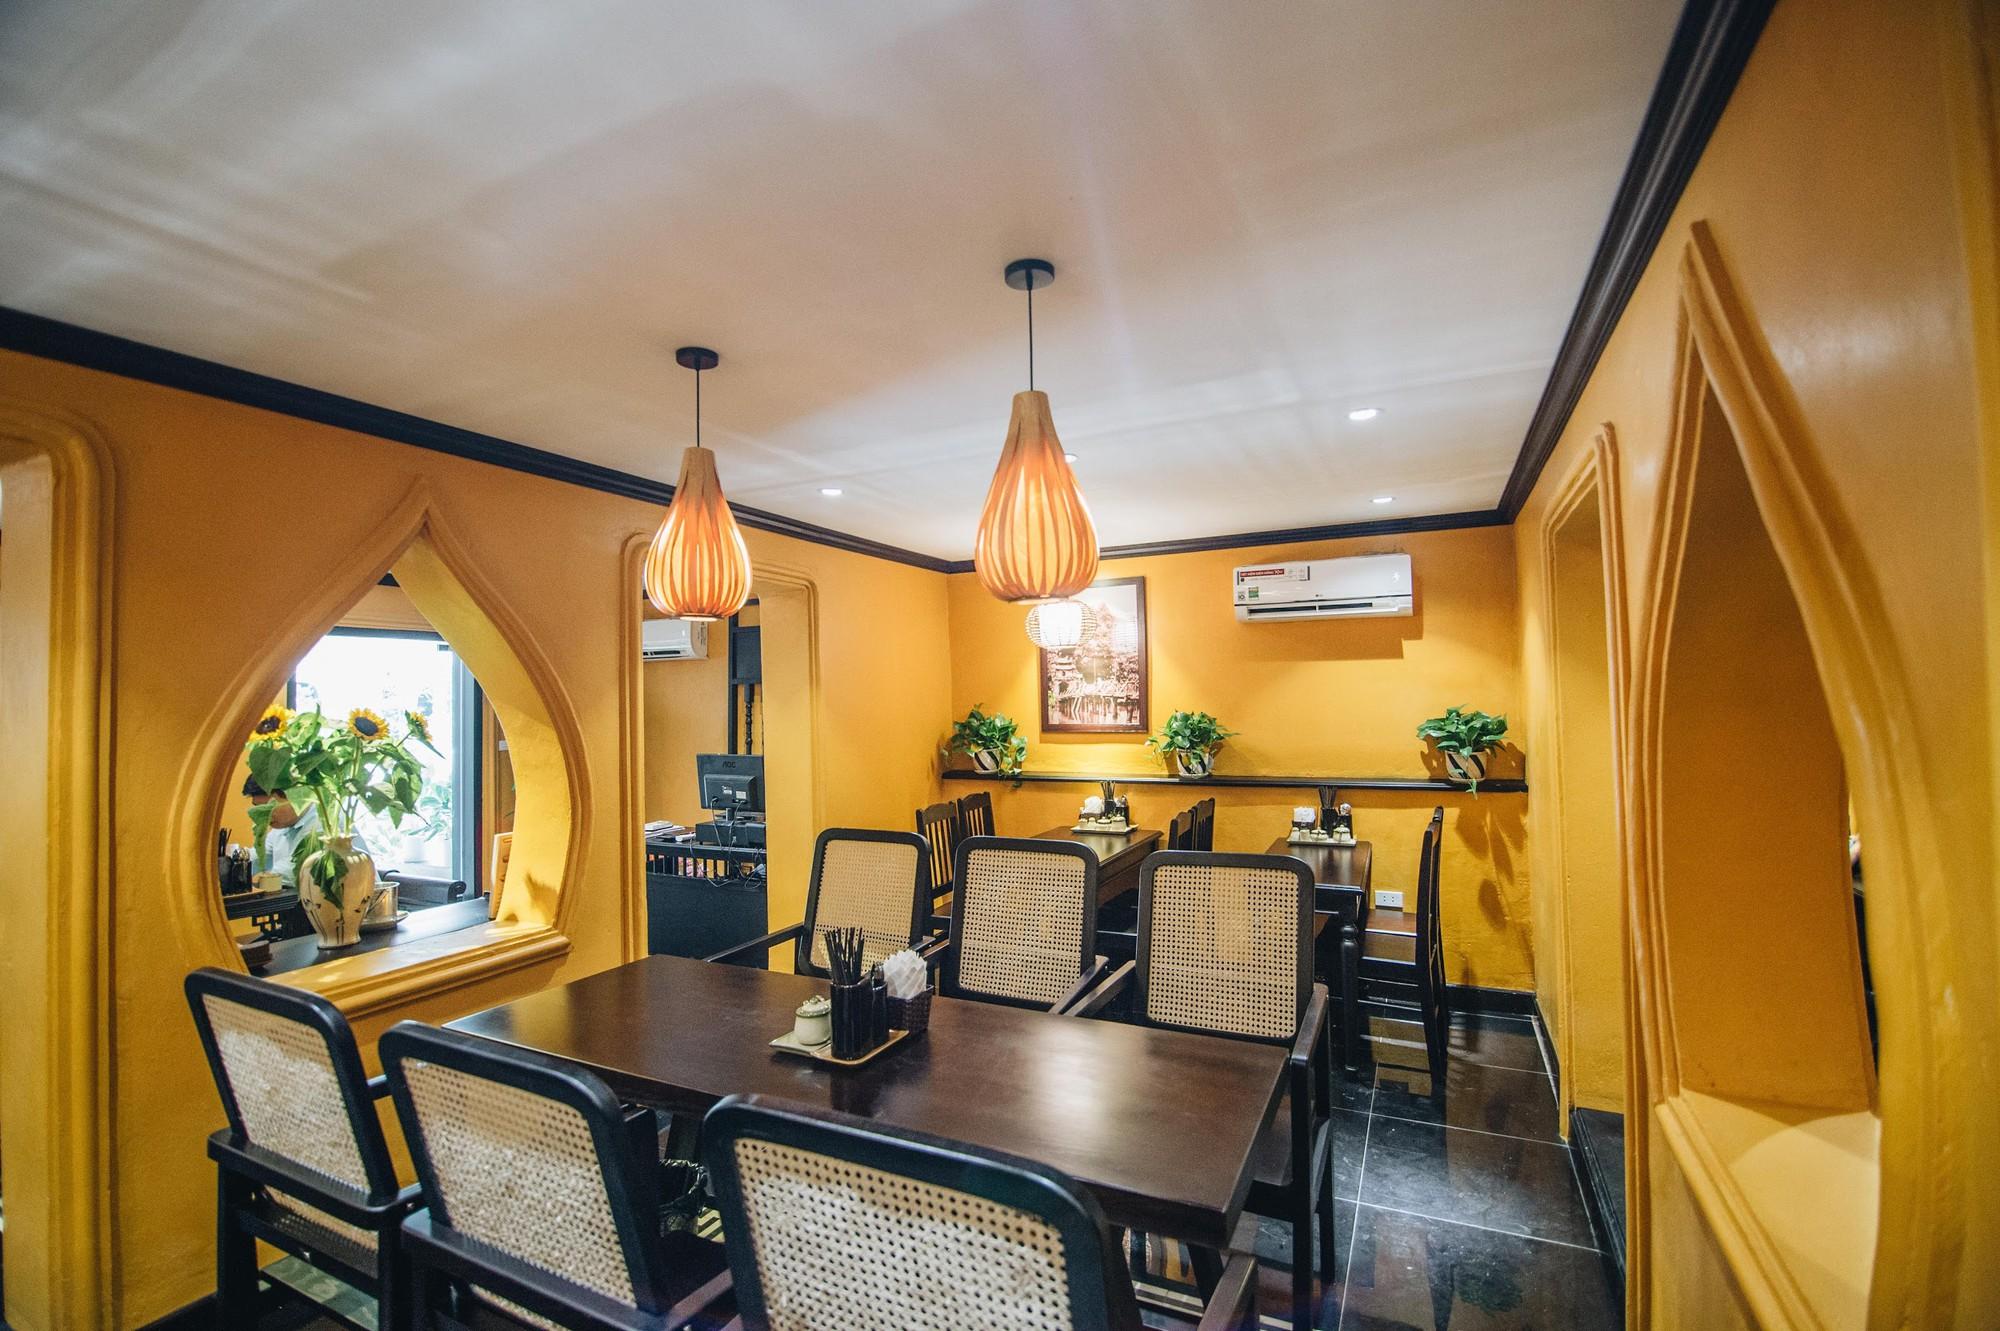 Ngược dòng thời gian cùng Phở Cội: Tìm phong vị phở giữa không gian nhà hàng ấm áp, gợi nét đẹp xưa Hà Nội - Ảnh 5.